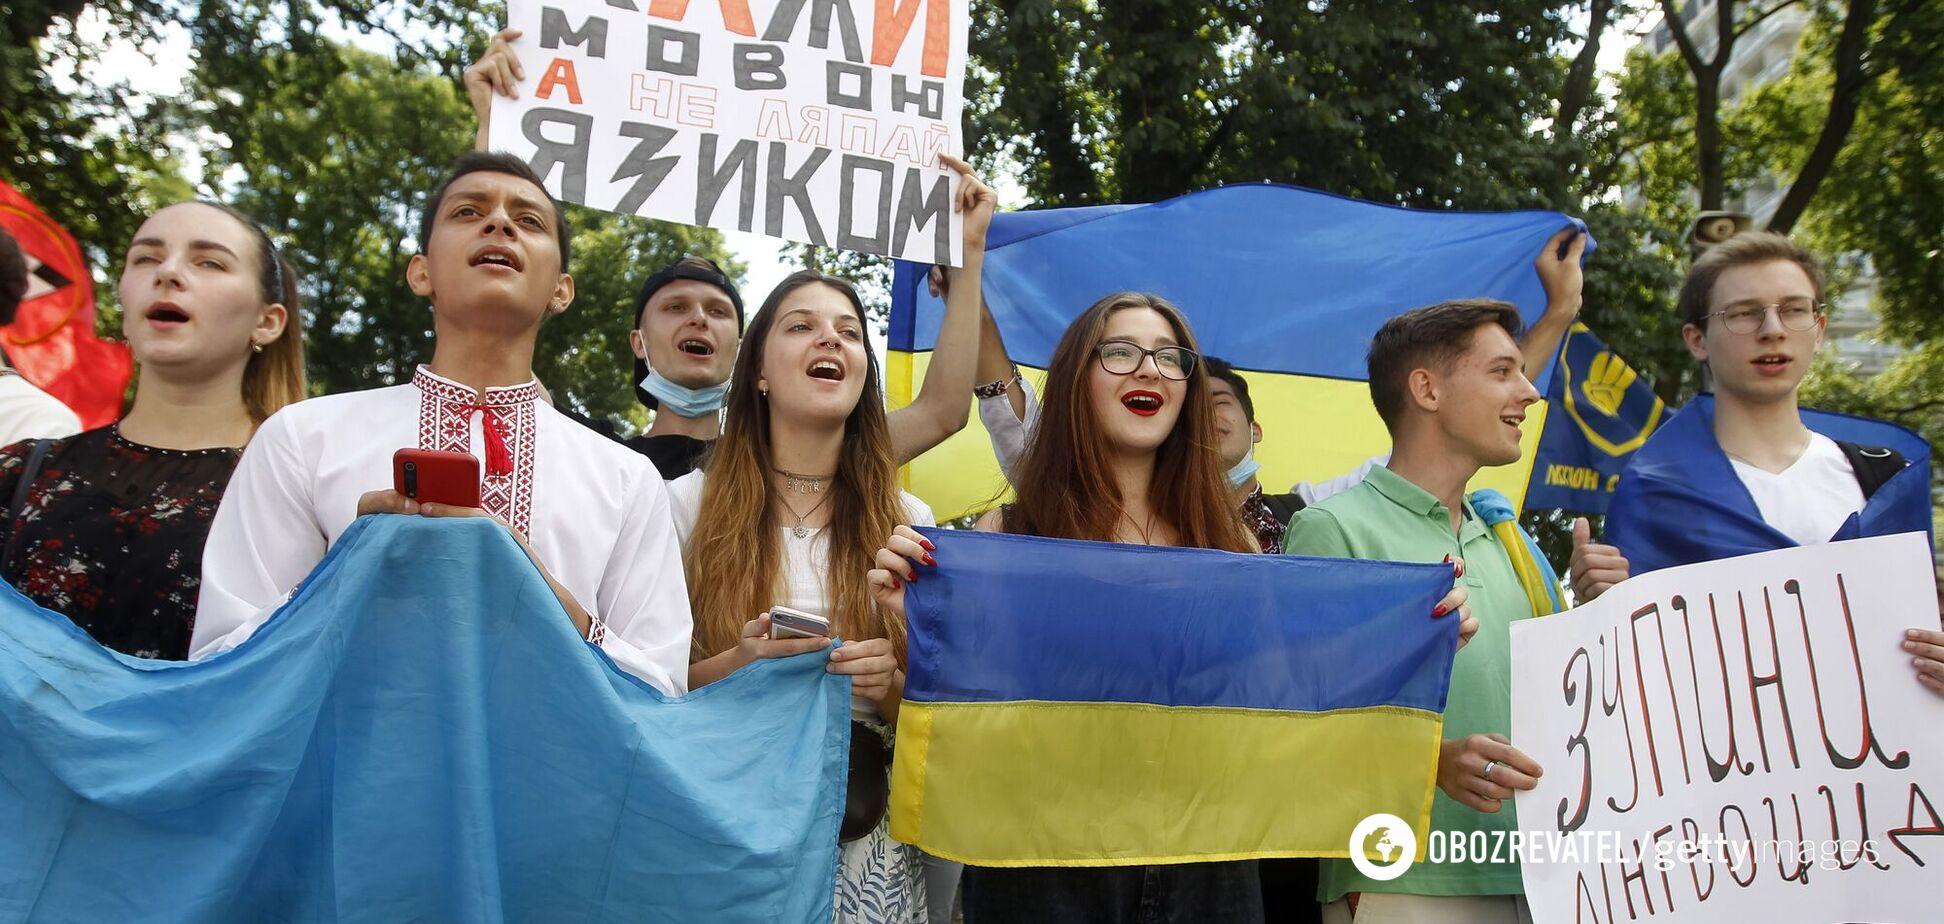 Украина не запрещает русский язык. Она защищает украинский